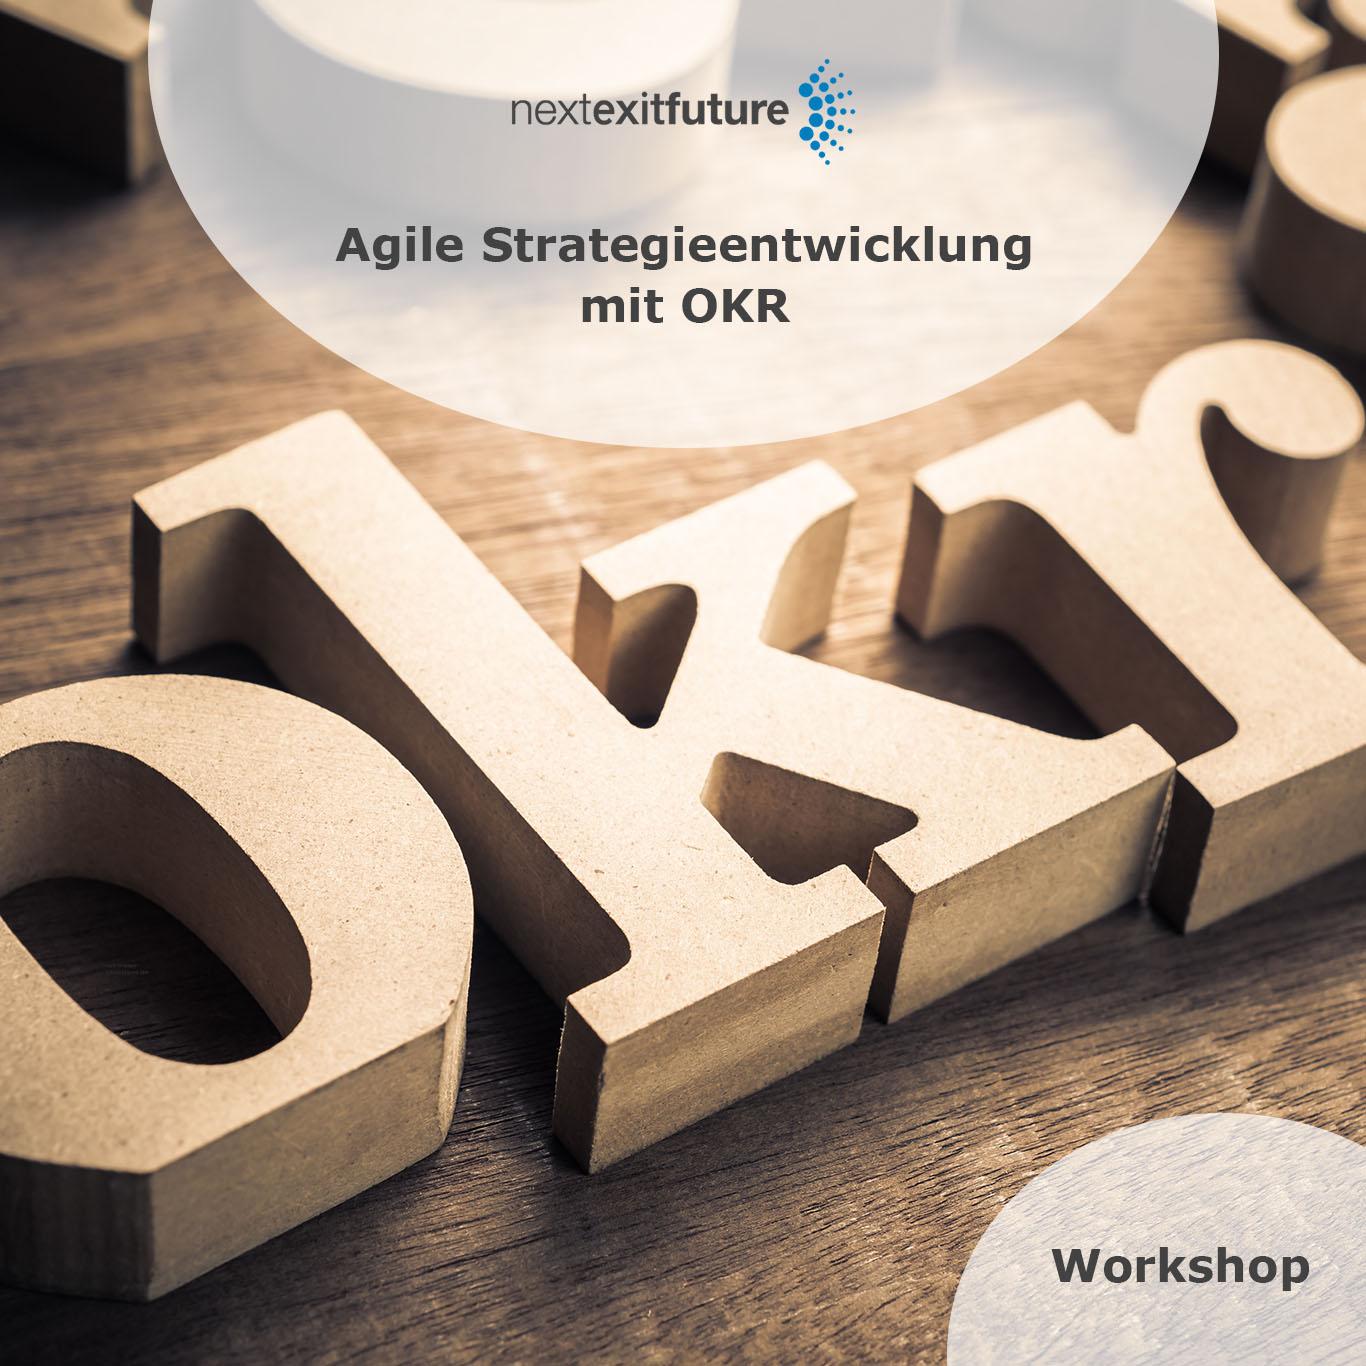 Workshop: Agile Strategieentwicklung mit OKR